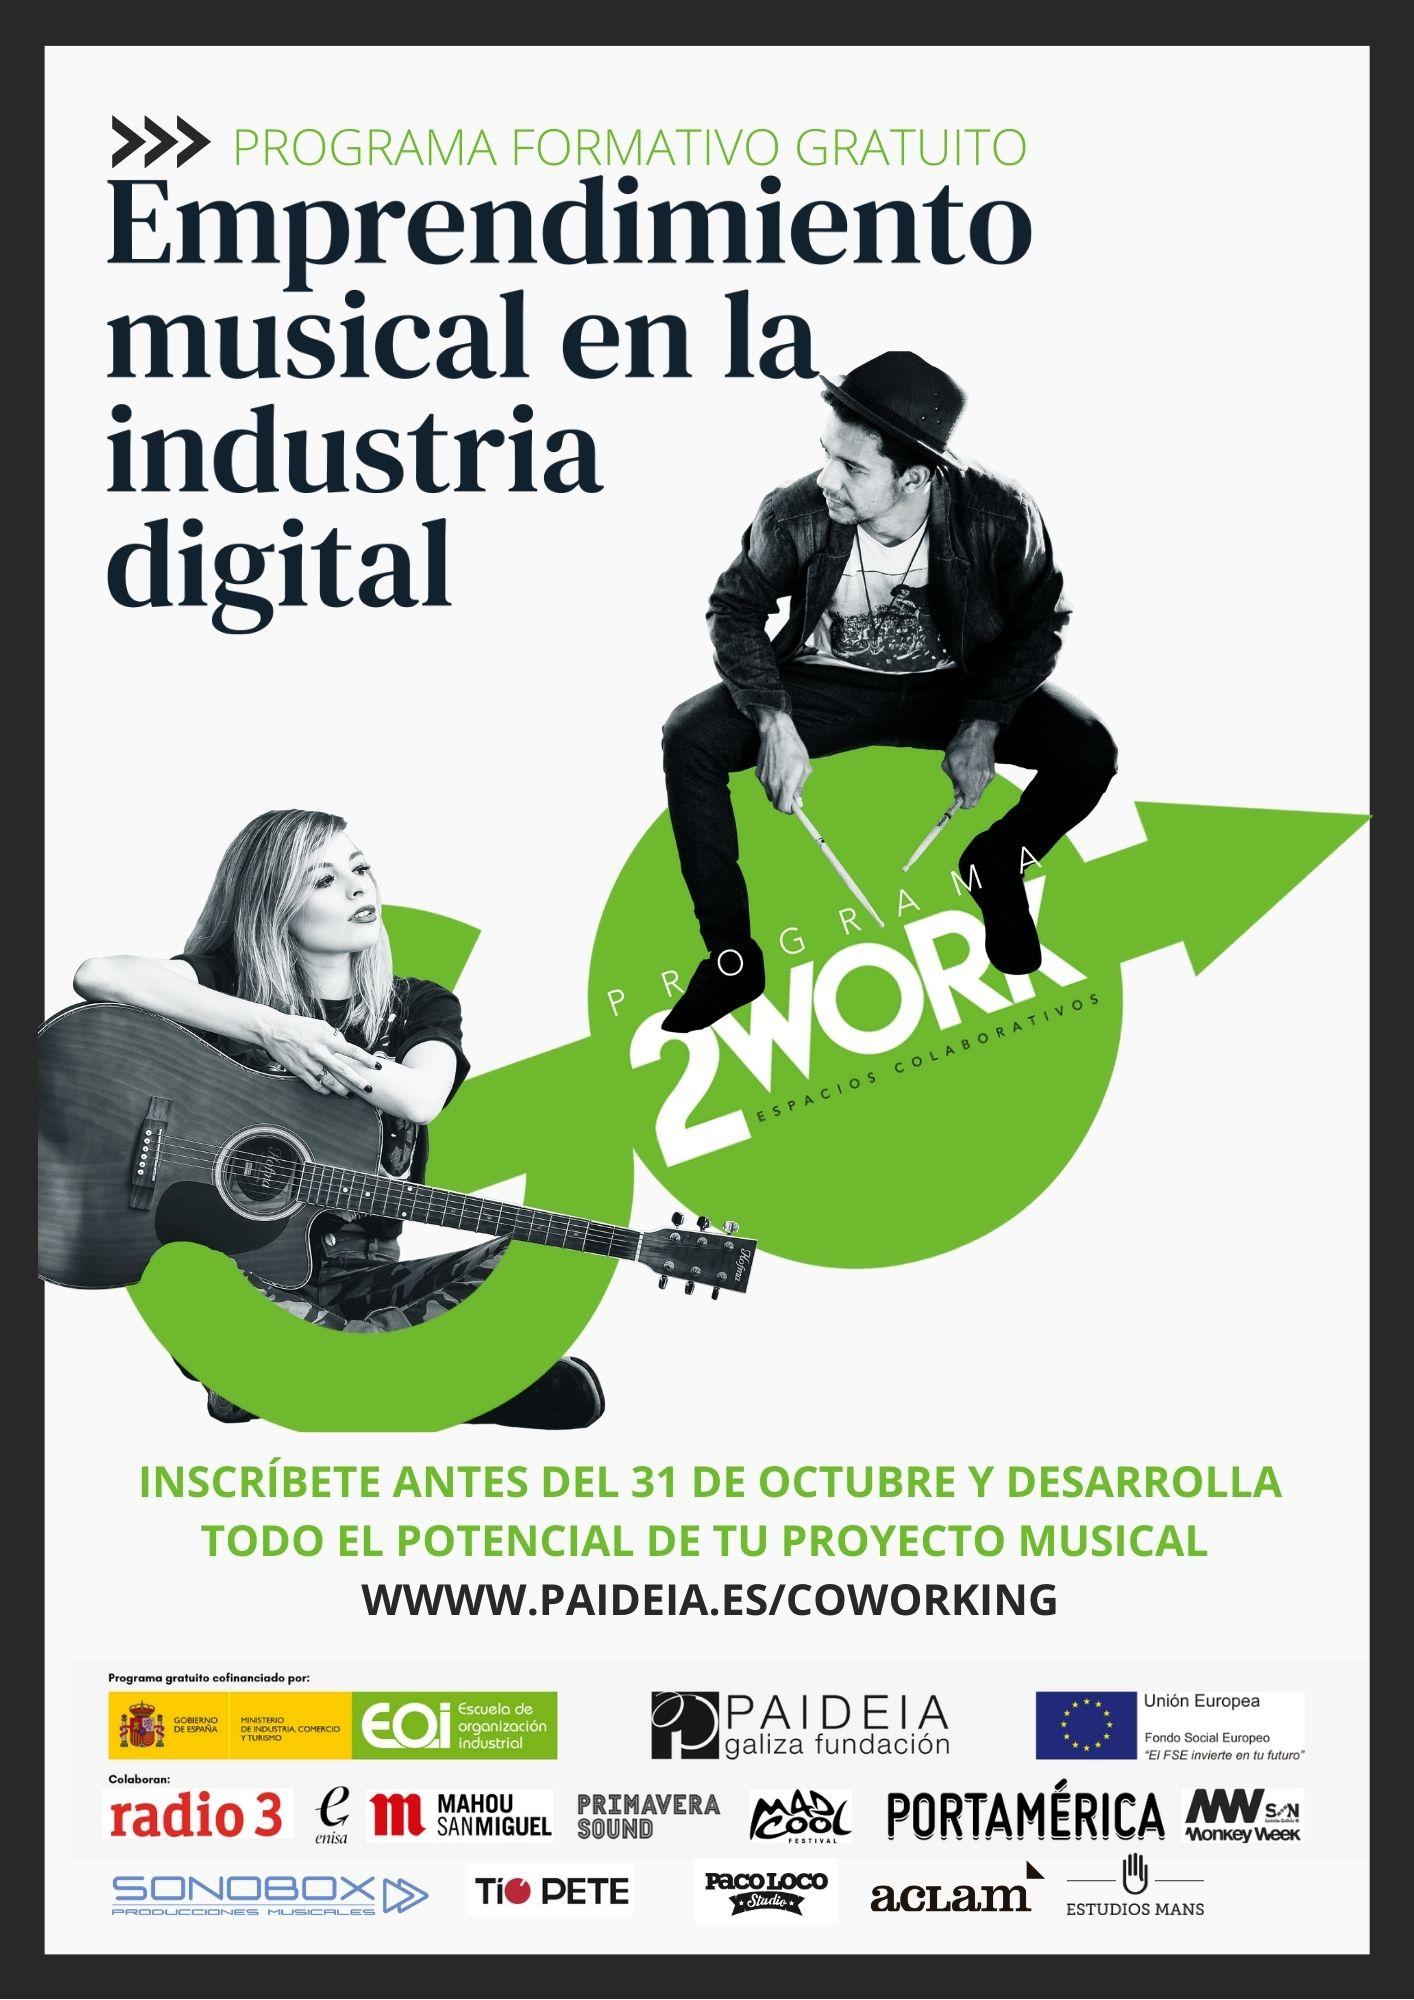 Fundación Paideia. Emprendimiento Musical en la Industria Digital